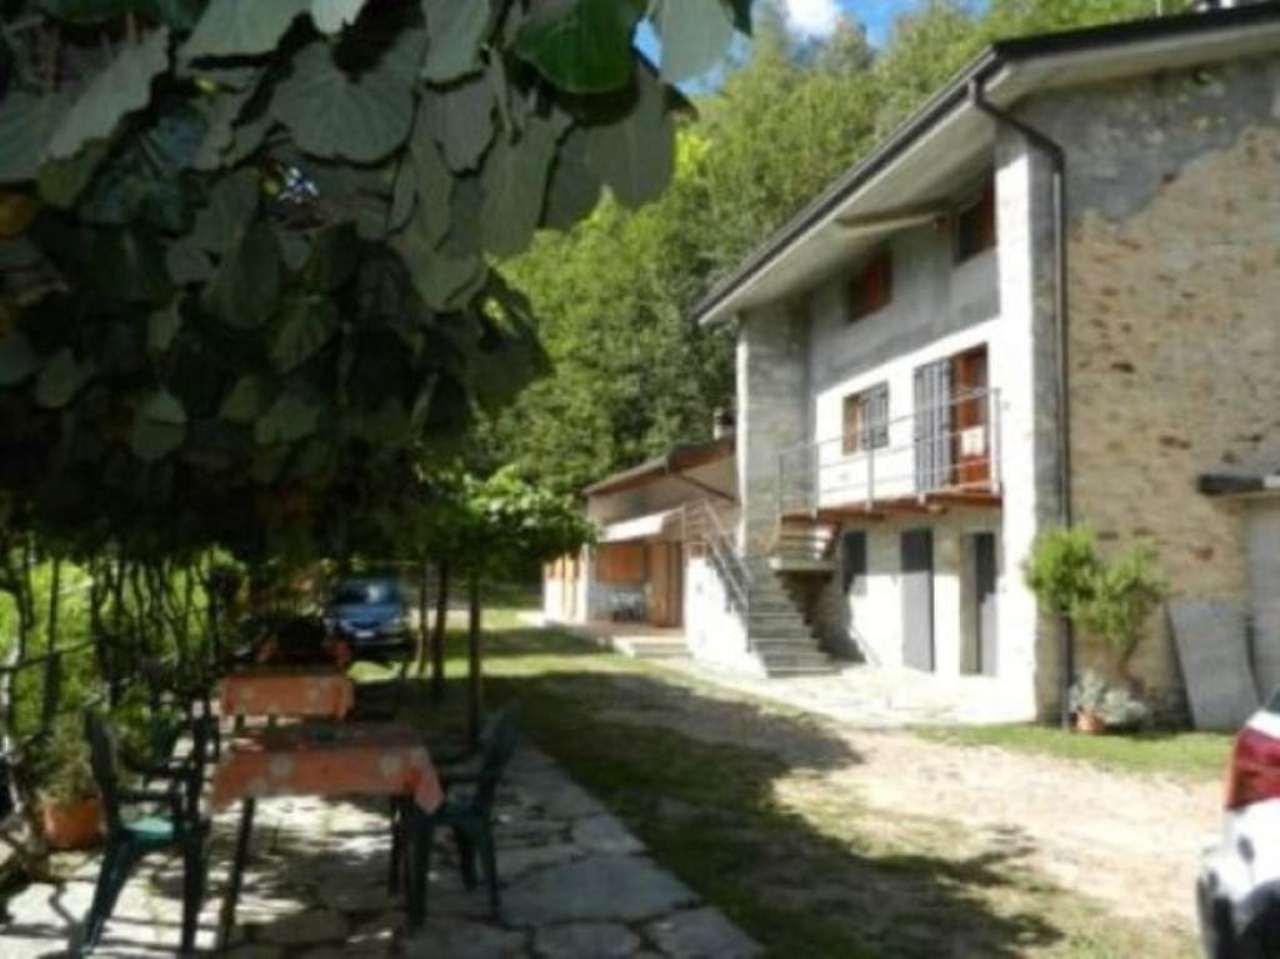 Rustico / Casale in vendita a Rueglio, 6 locali, prezzo € 165.000 | Cambio Casa.it